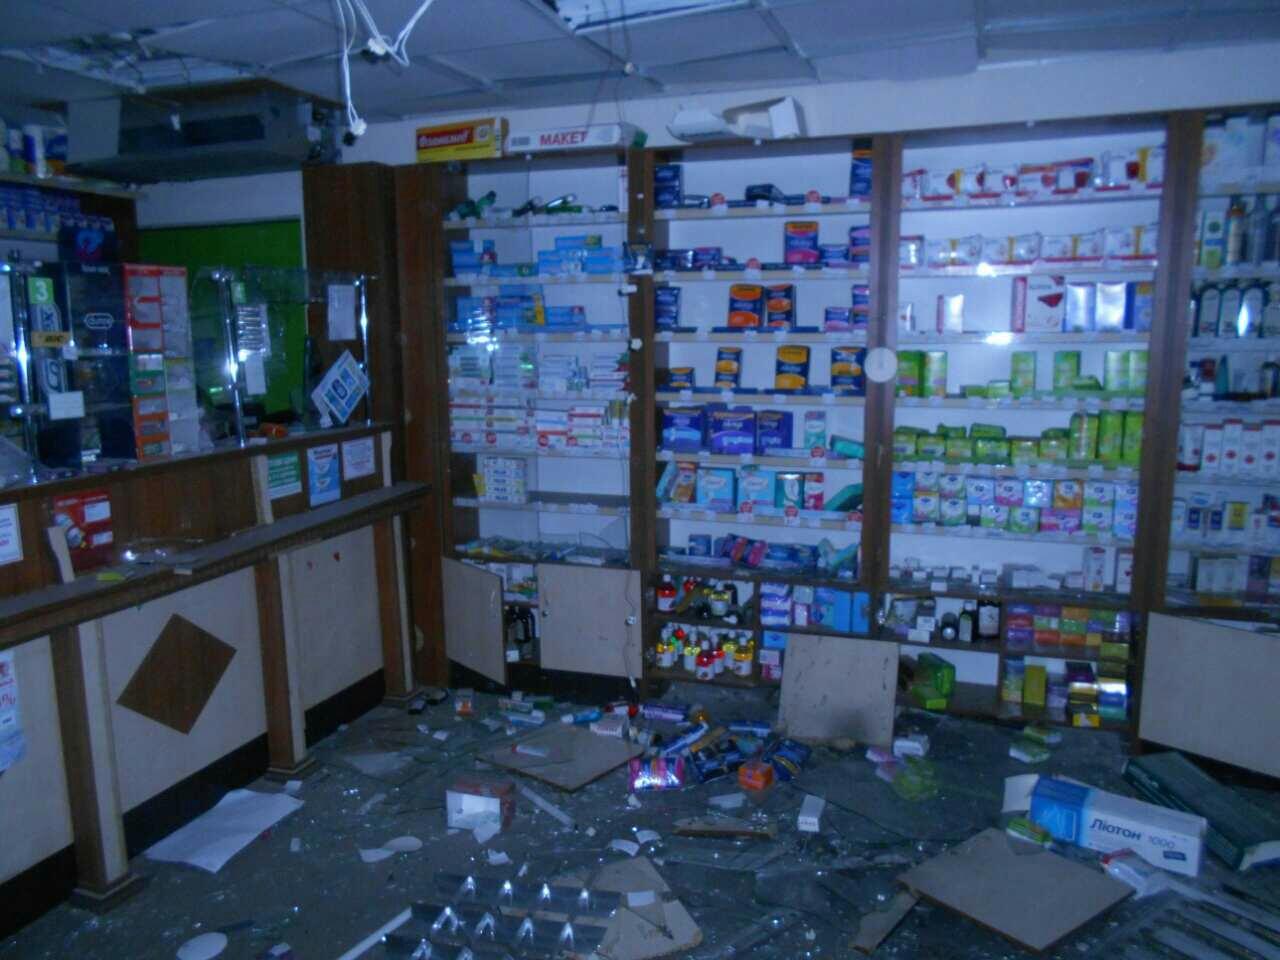 ВХарькове ранним утром бросили гранату ваптеку